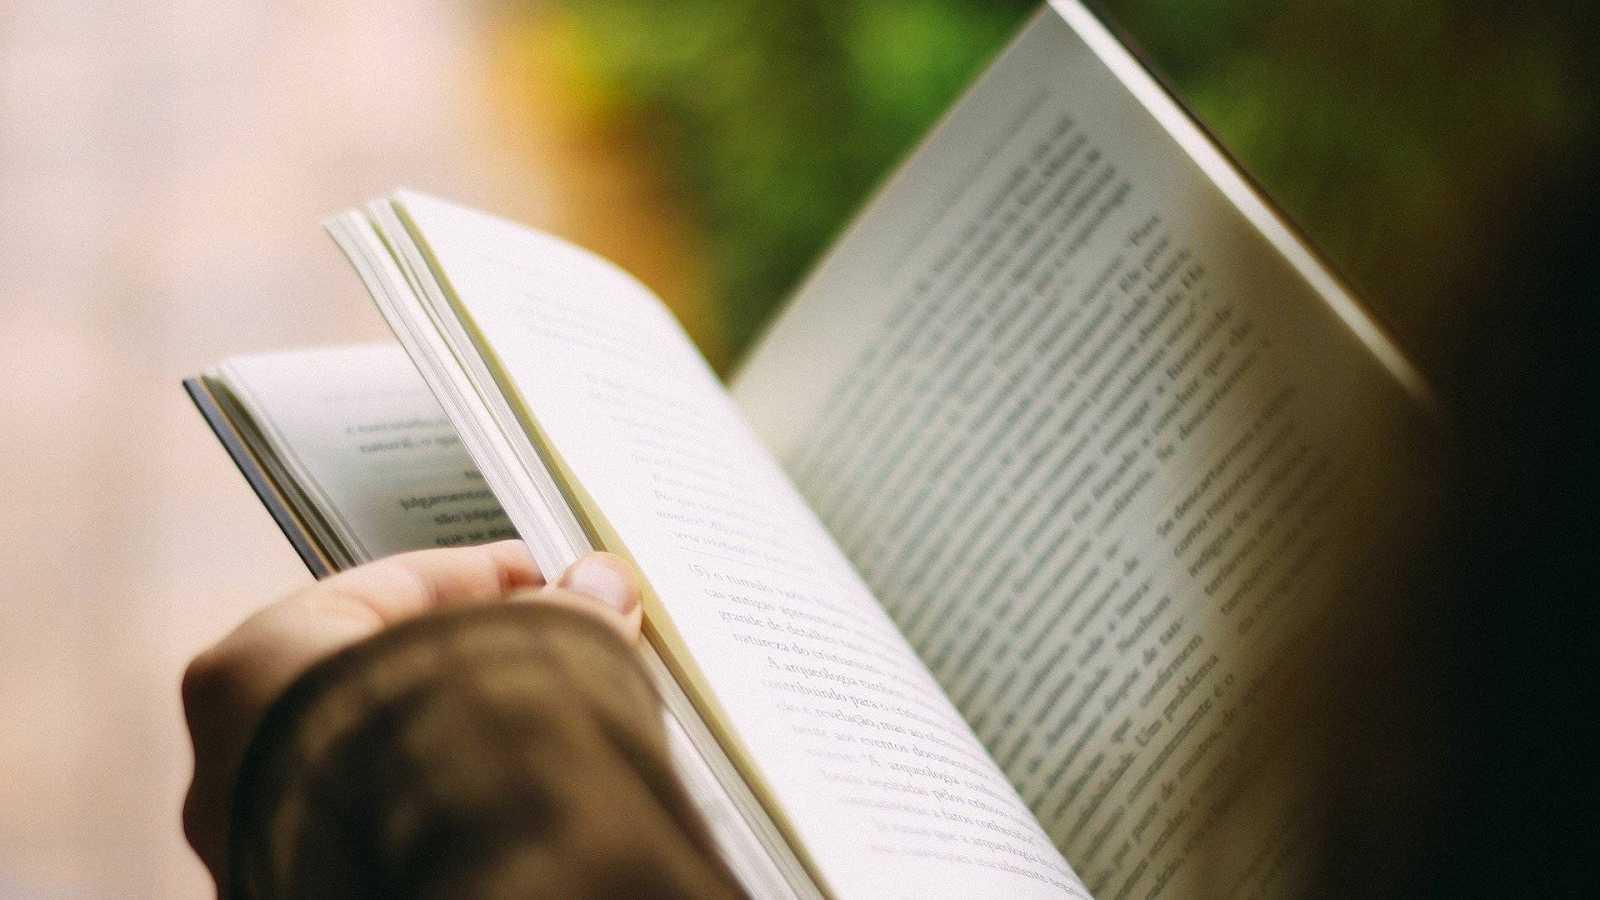 El gallo que no cesa - Más libros, por favor: Títulos sugerentes de libros - Escuchar ahora